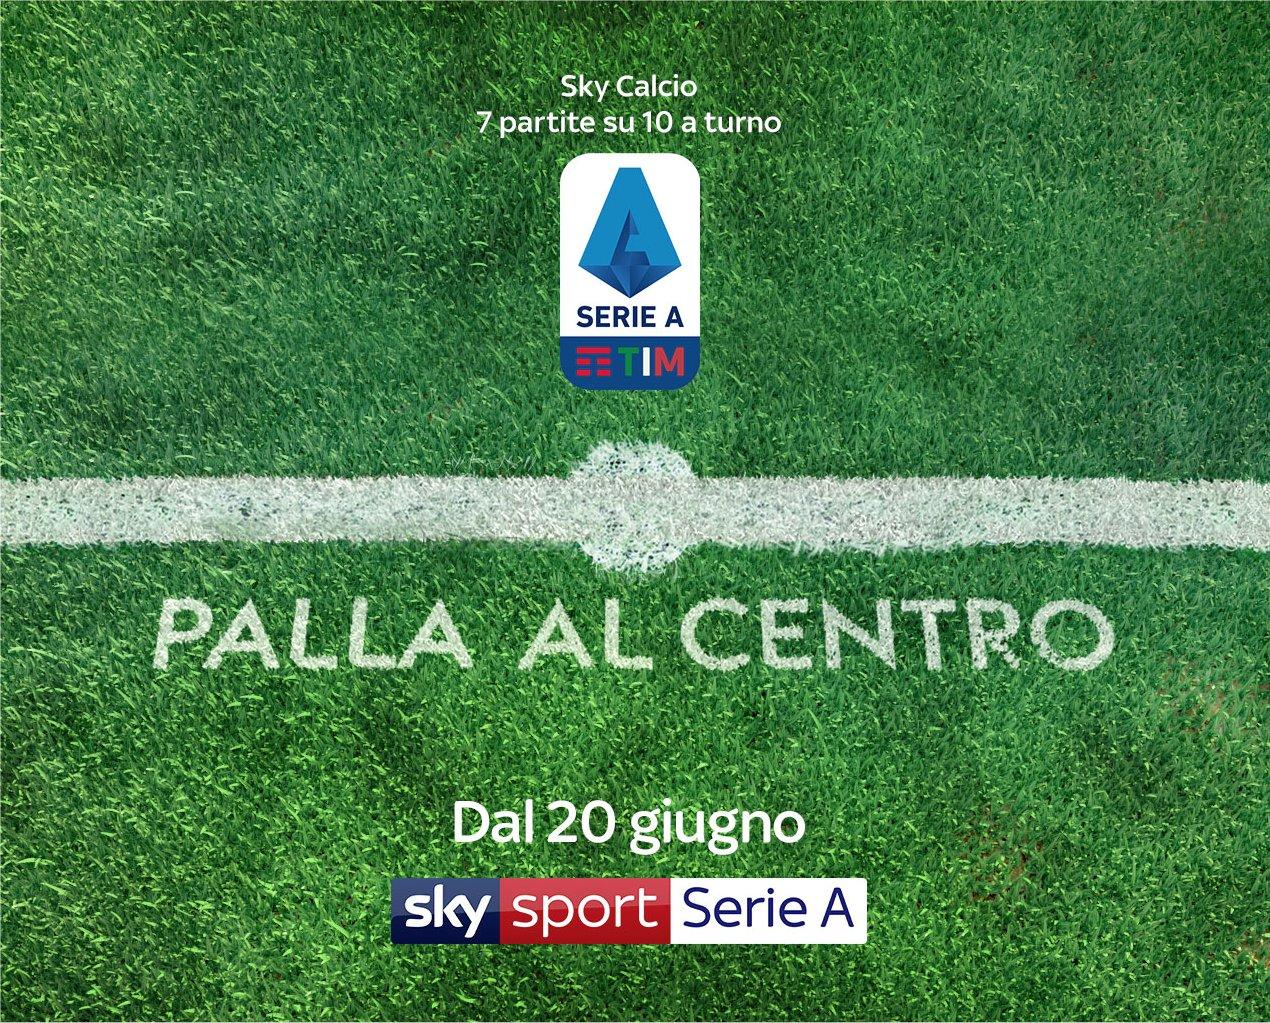 Sky Sport, due settimane di calcio no stop, con almeno una partita ogni sera